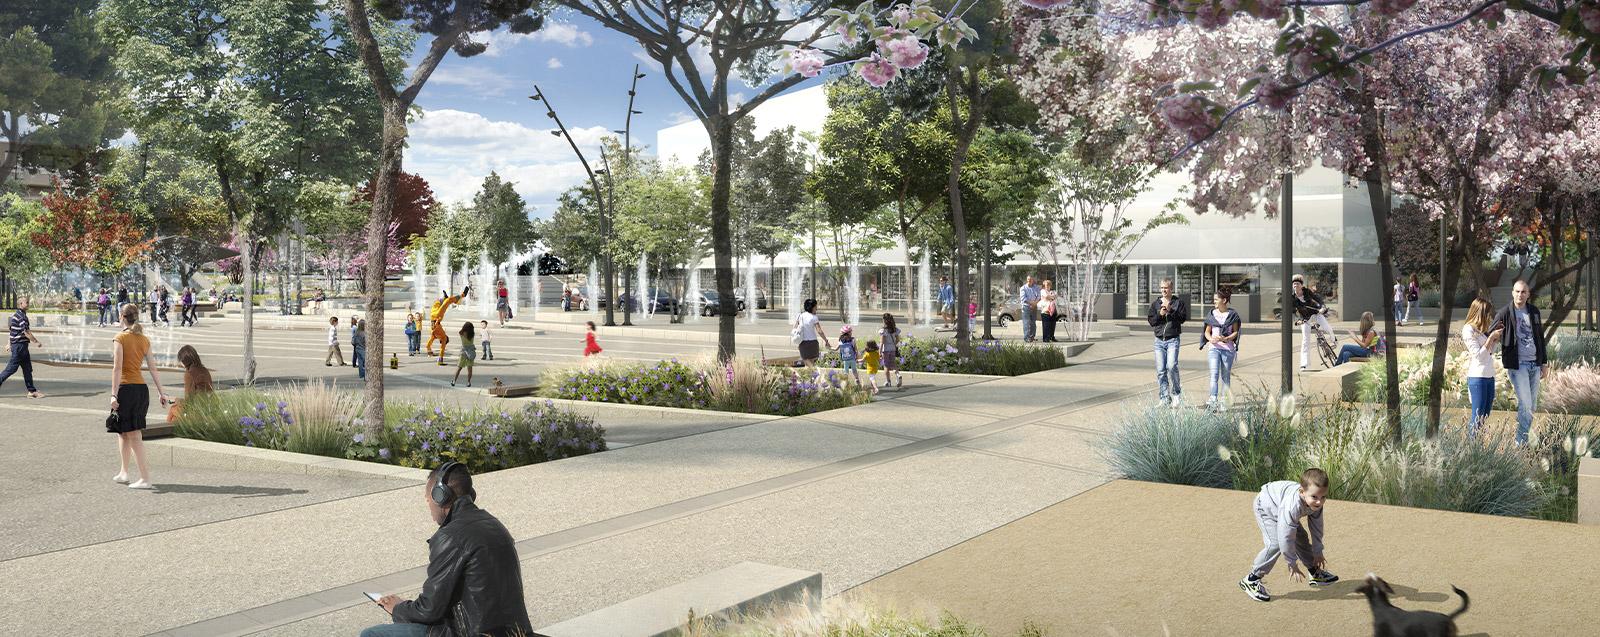 Projet de la place centrale (crédits : Axe Saone - Suez)